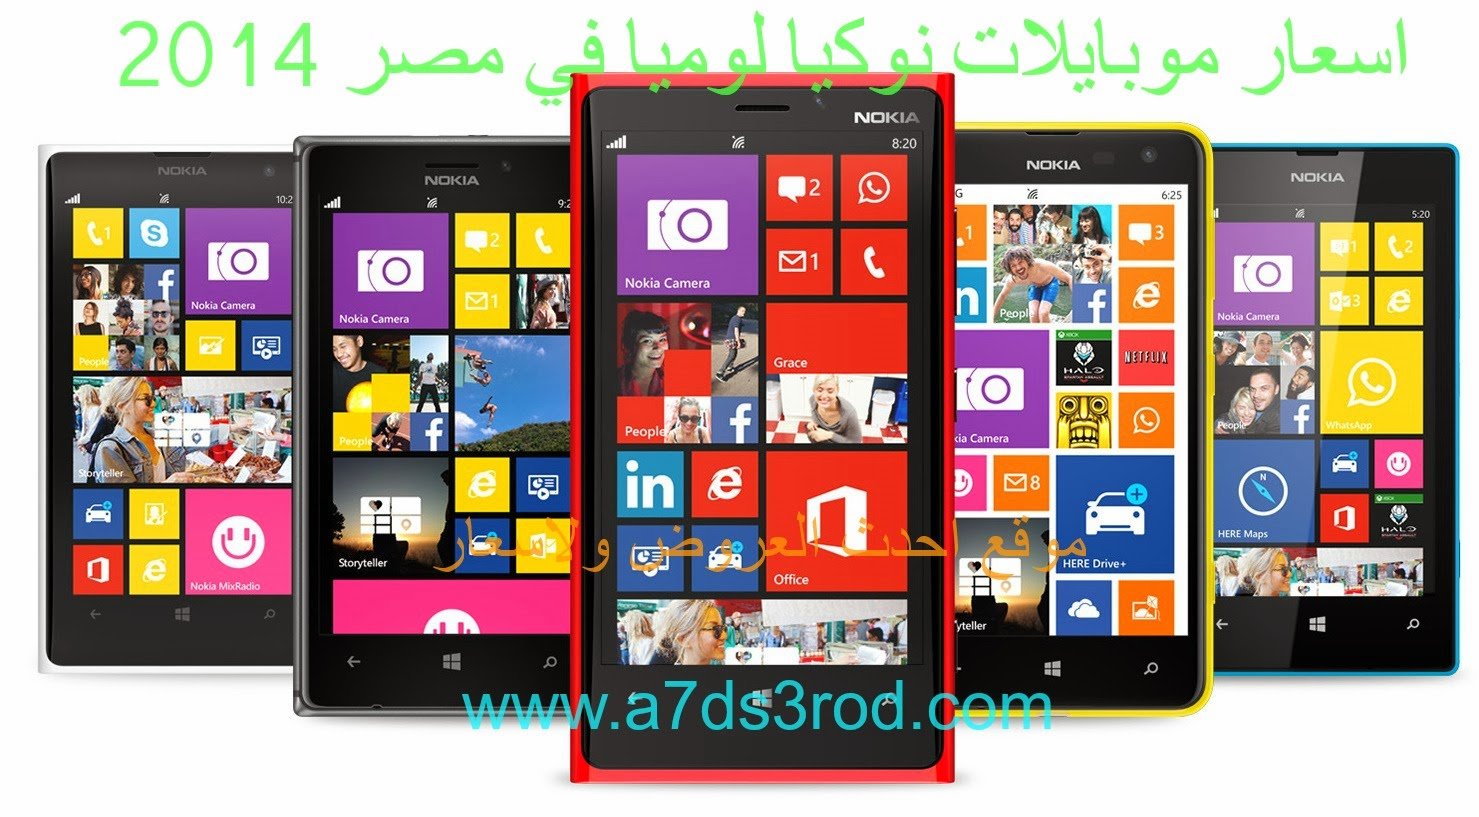 مواصفات اسعار موبايلات نوكيا لوميا في مصر بتاريخ اليوم , اجدد واحدث اسعار Nokia Lumia في مصر 2014 في اكبر المحلات في القاهرة والجيزة والاسكندرية